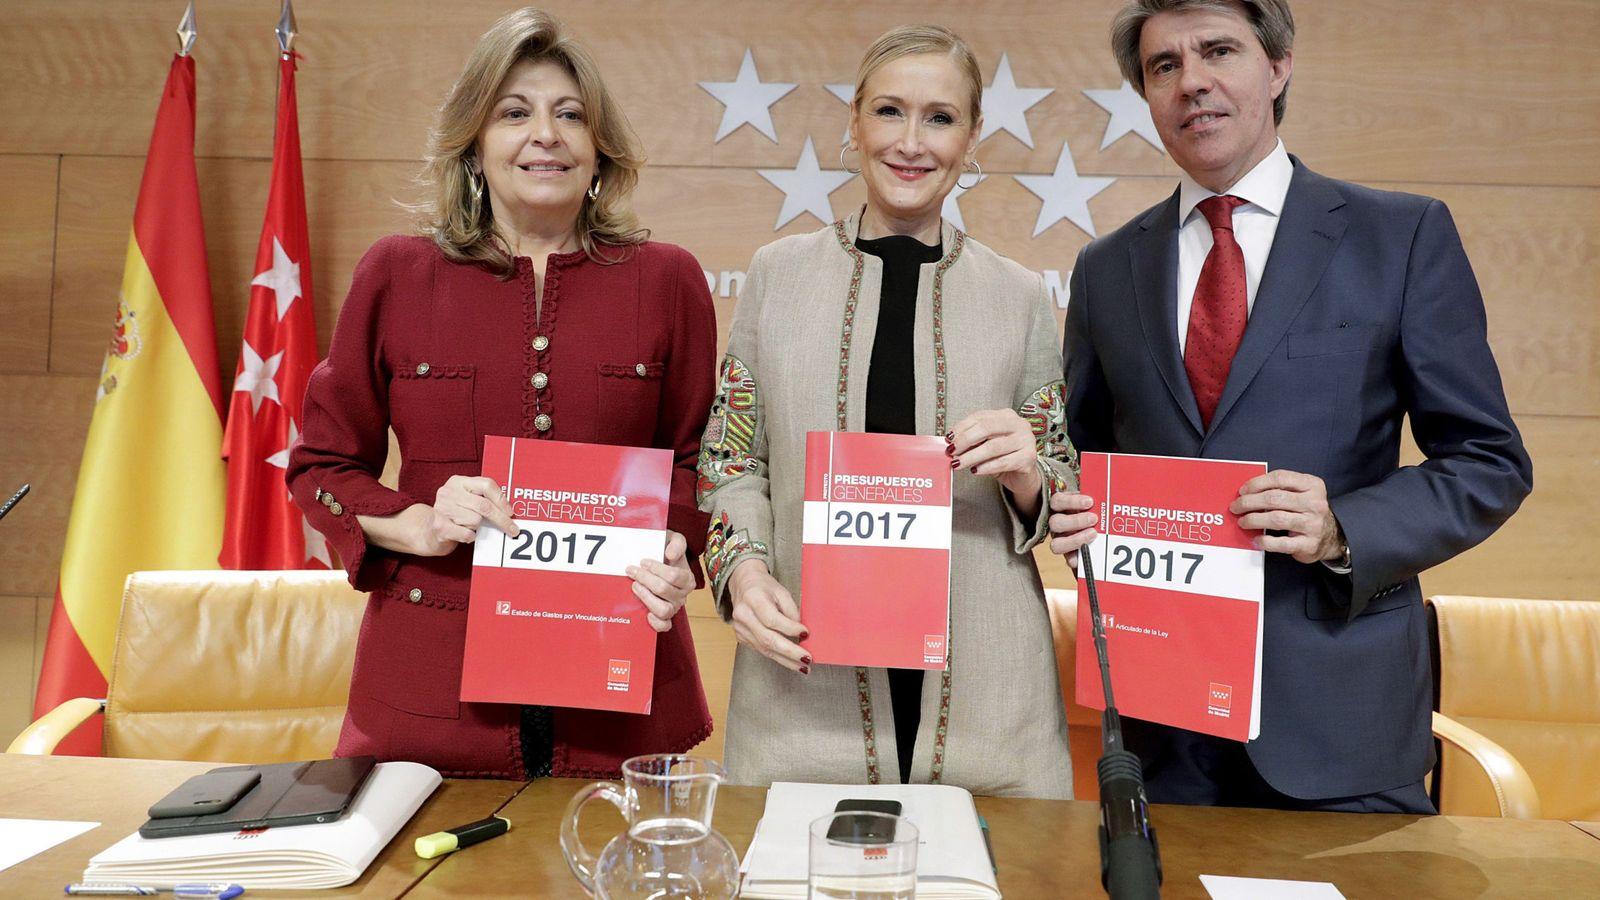 Foto: La presidenta de la Comunidad de Madrid, Cristina Cifuentes, durante la presentación de los presupuestos regionales para 2017. Foto: Efe.